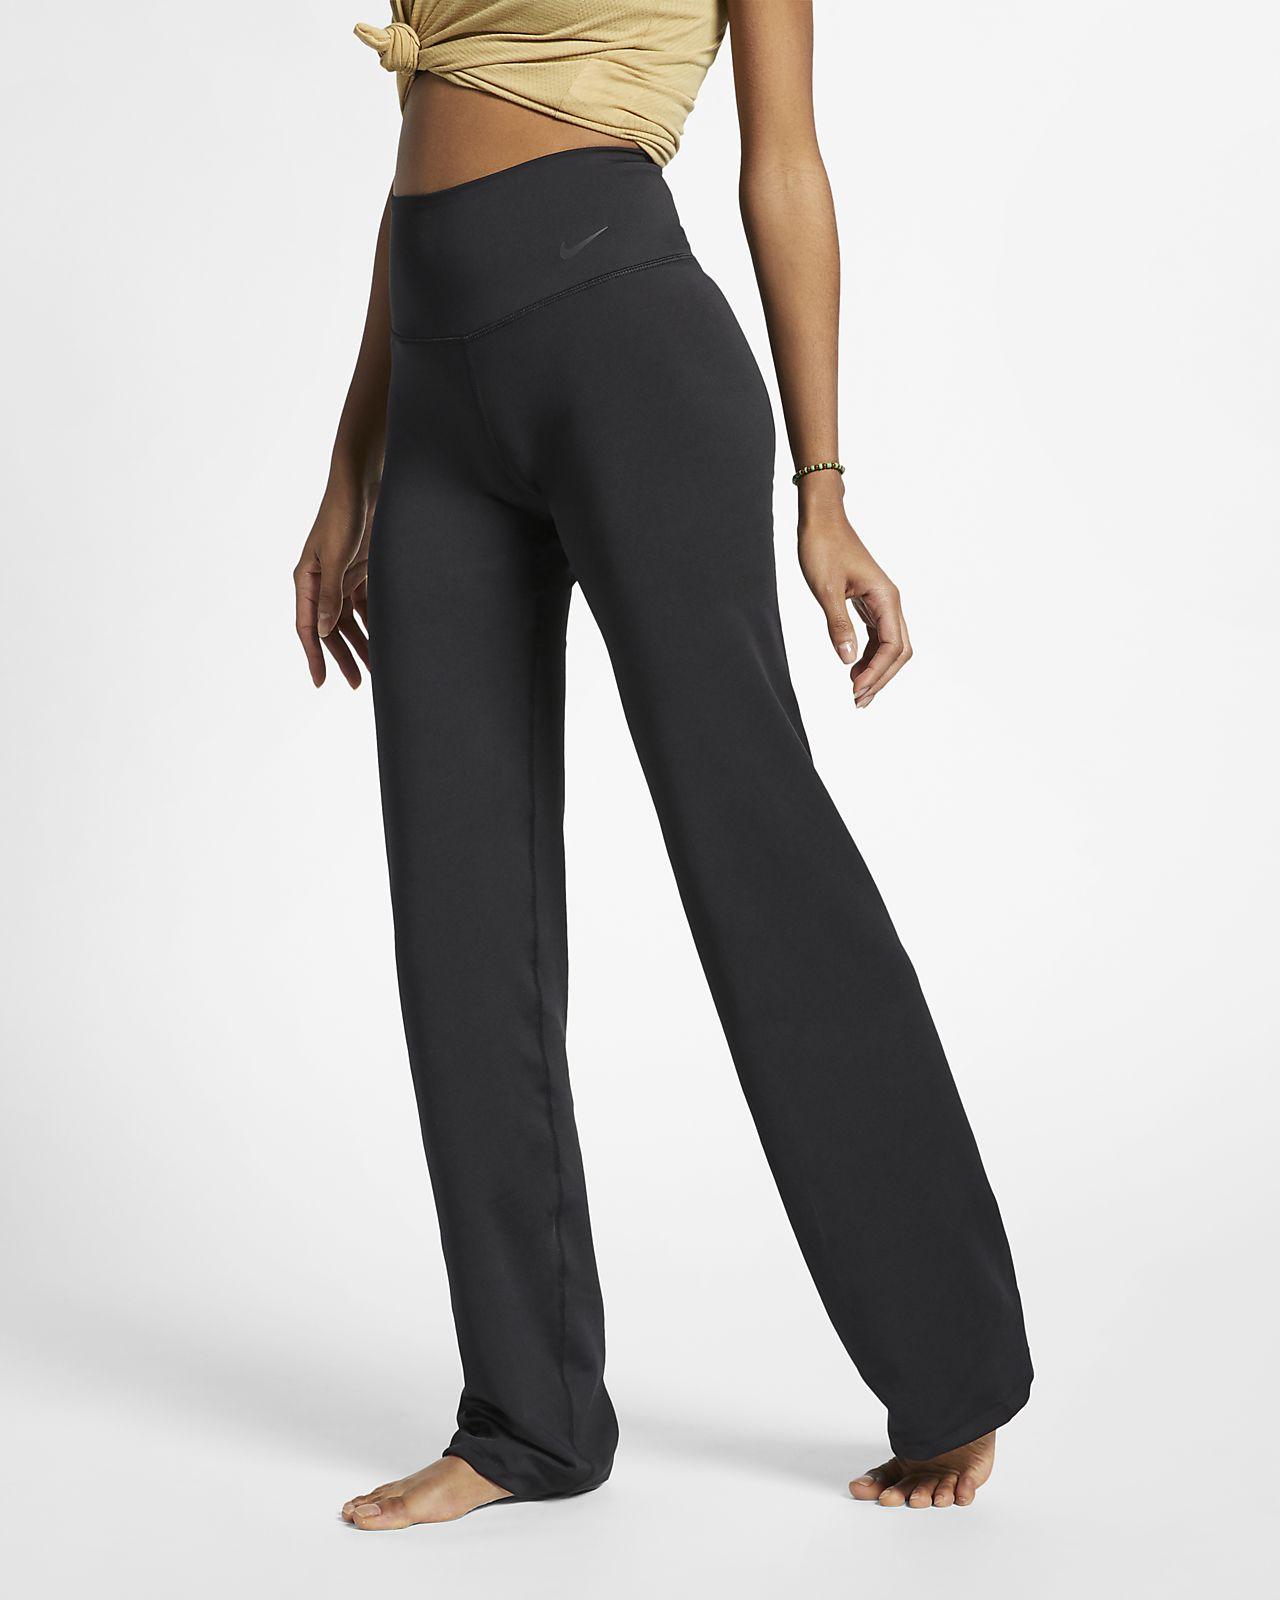 Pantaloni da yoga Nike Power - Donna